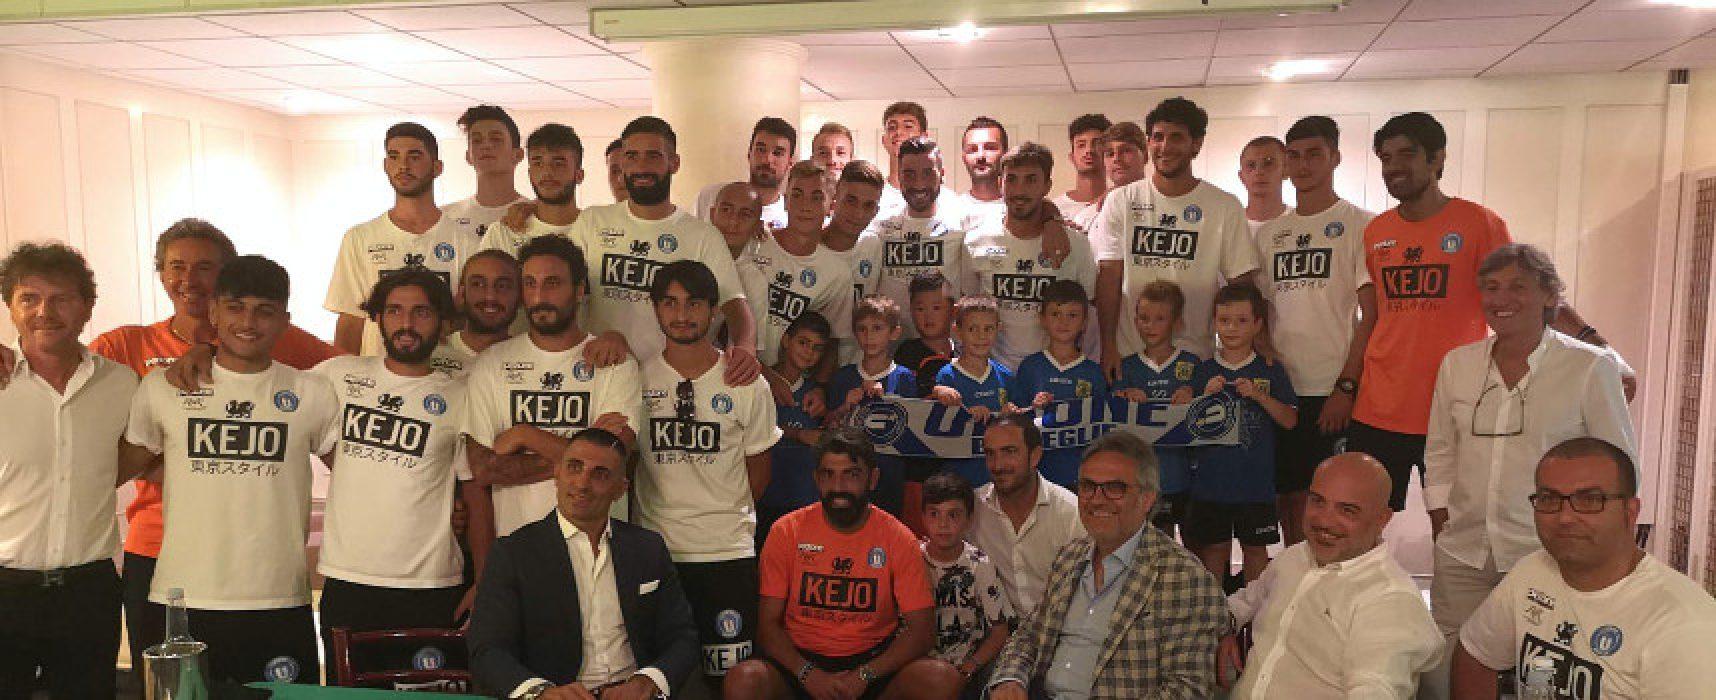 Unione Calcio, l'amichevole con il Bari ha preceduto la conferenza stampa di presentazione